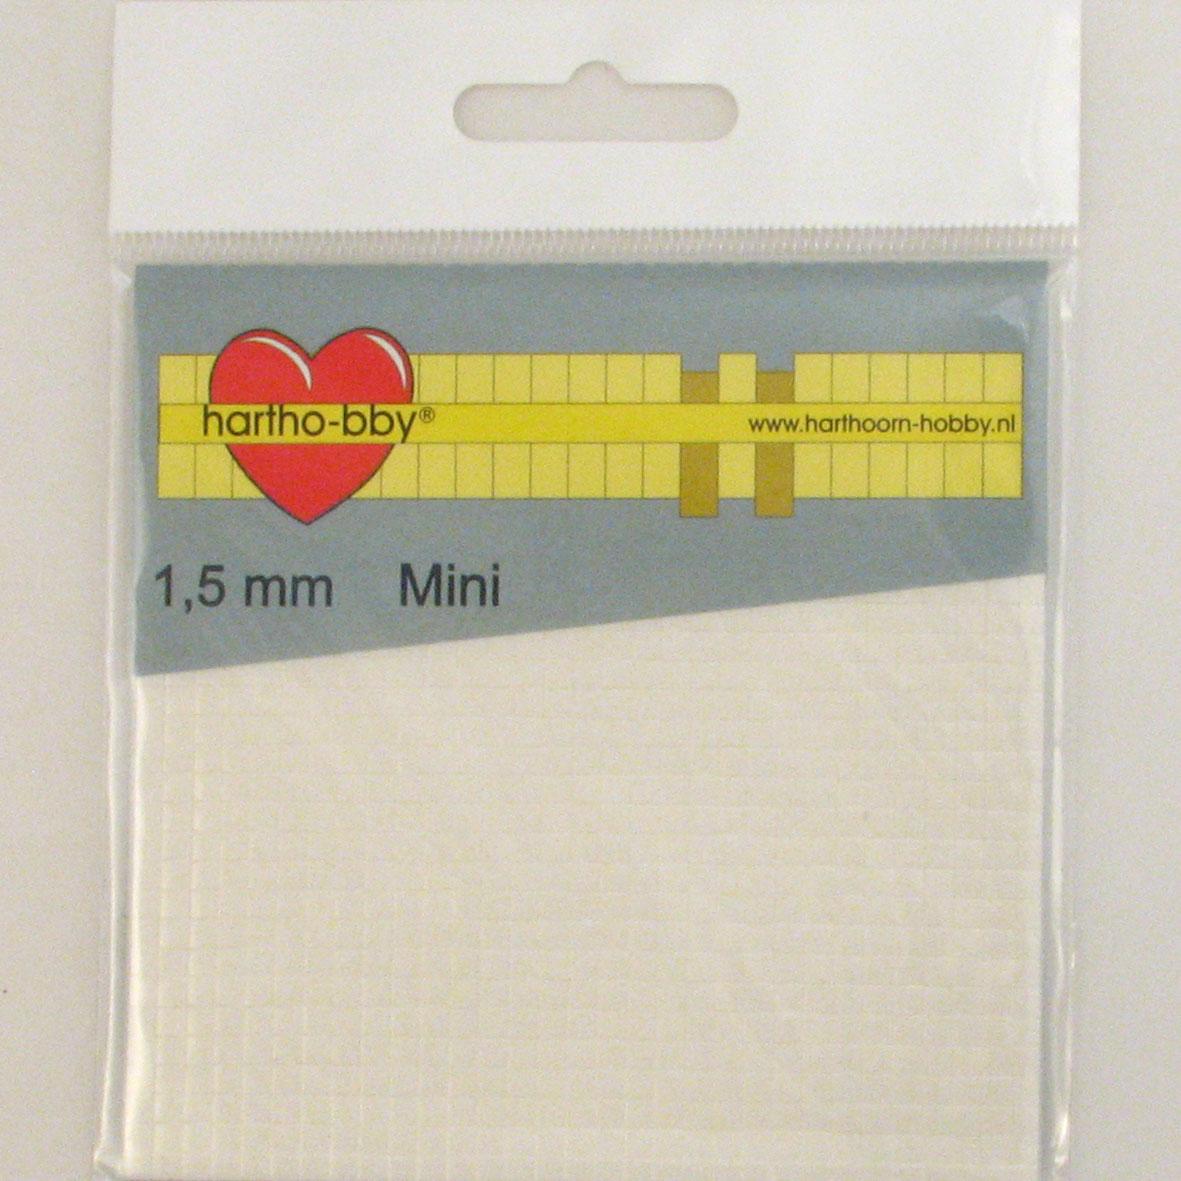 3 d ljepljivi kvadratići 3x3x1,5 mm, 961 kom